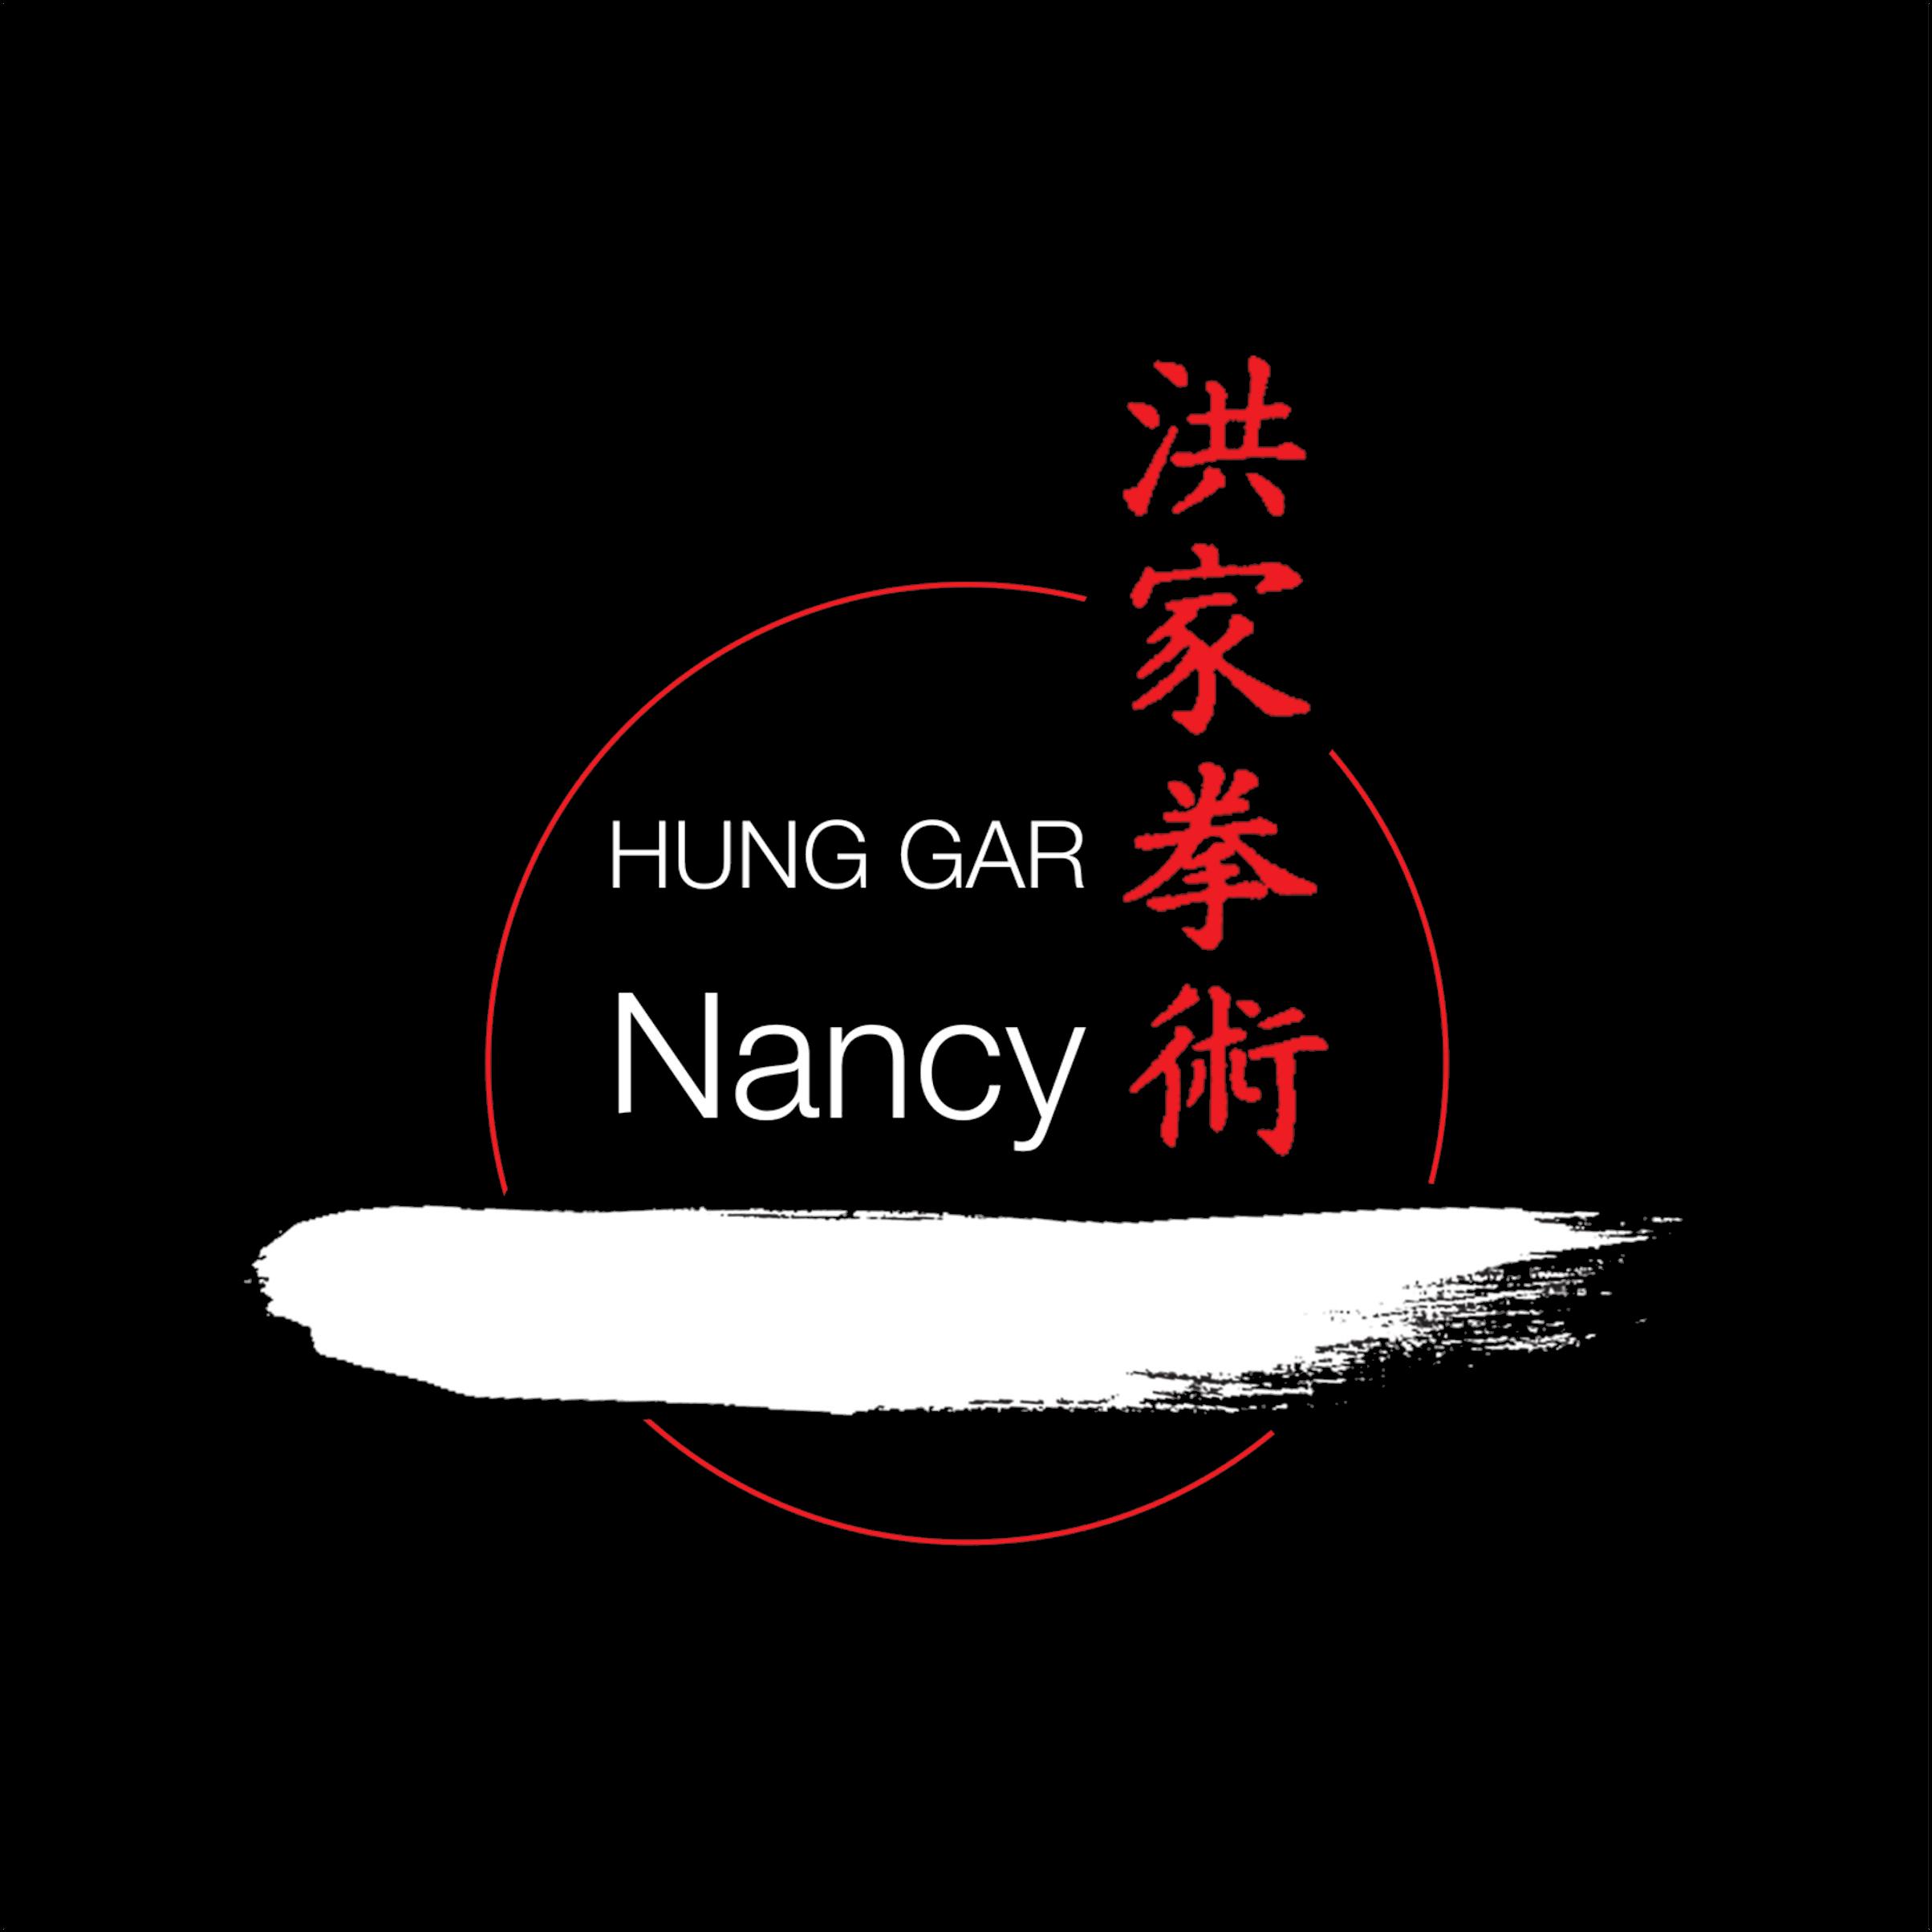 hunggarnancy-artsmartiaux-wushu-kungfu-logo